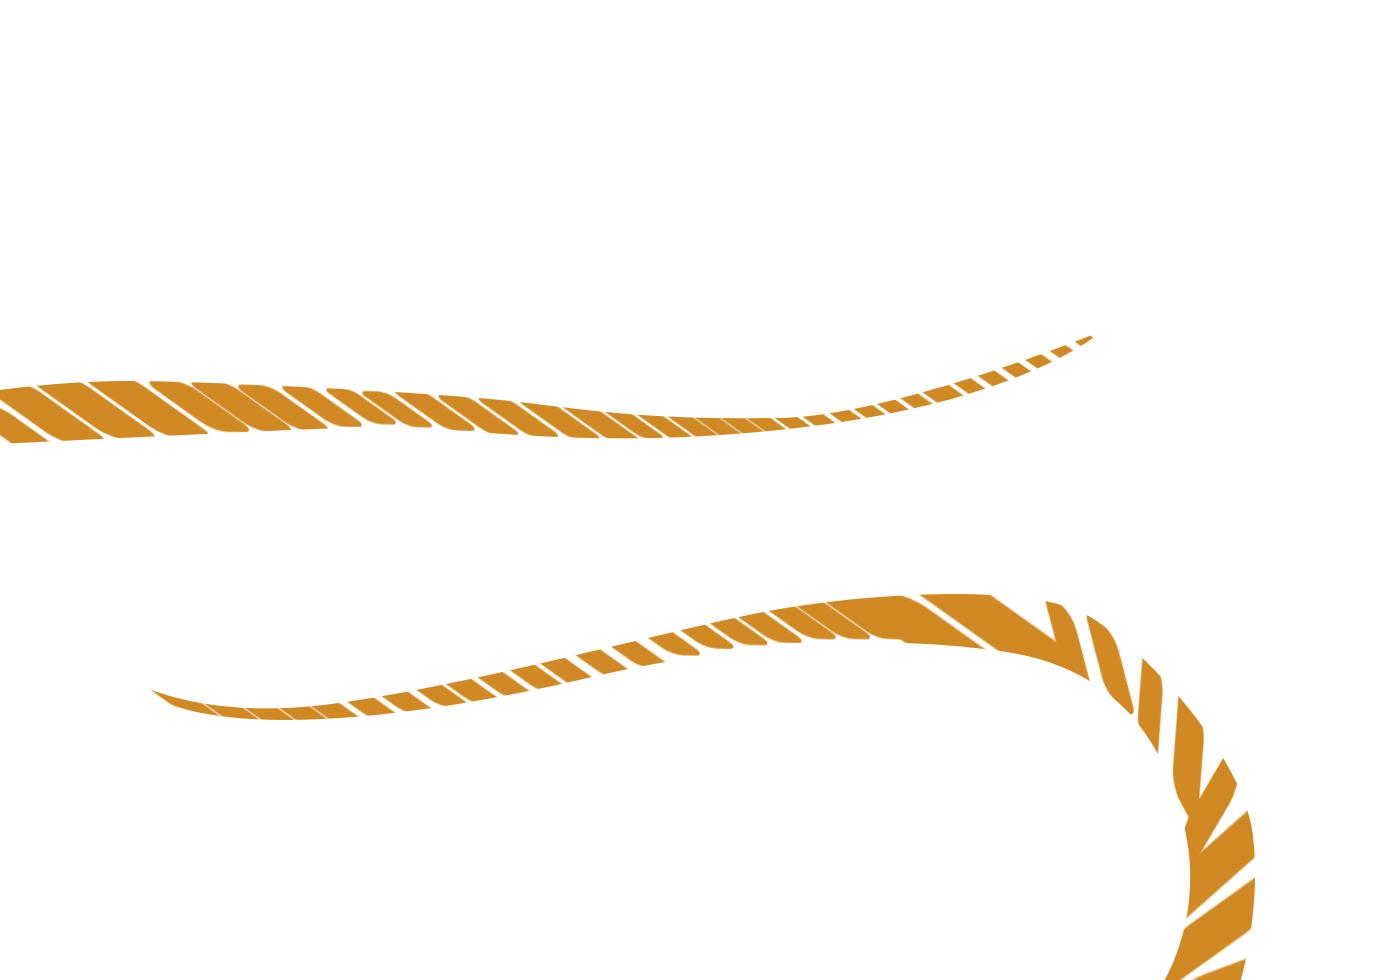 Rope Brush Free Photoshop Brushes At Brusheezy